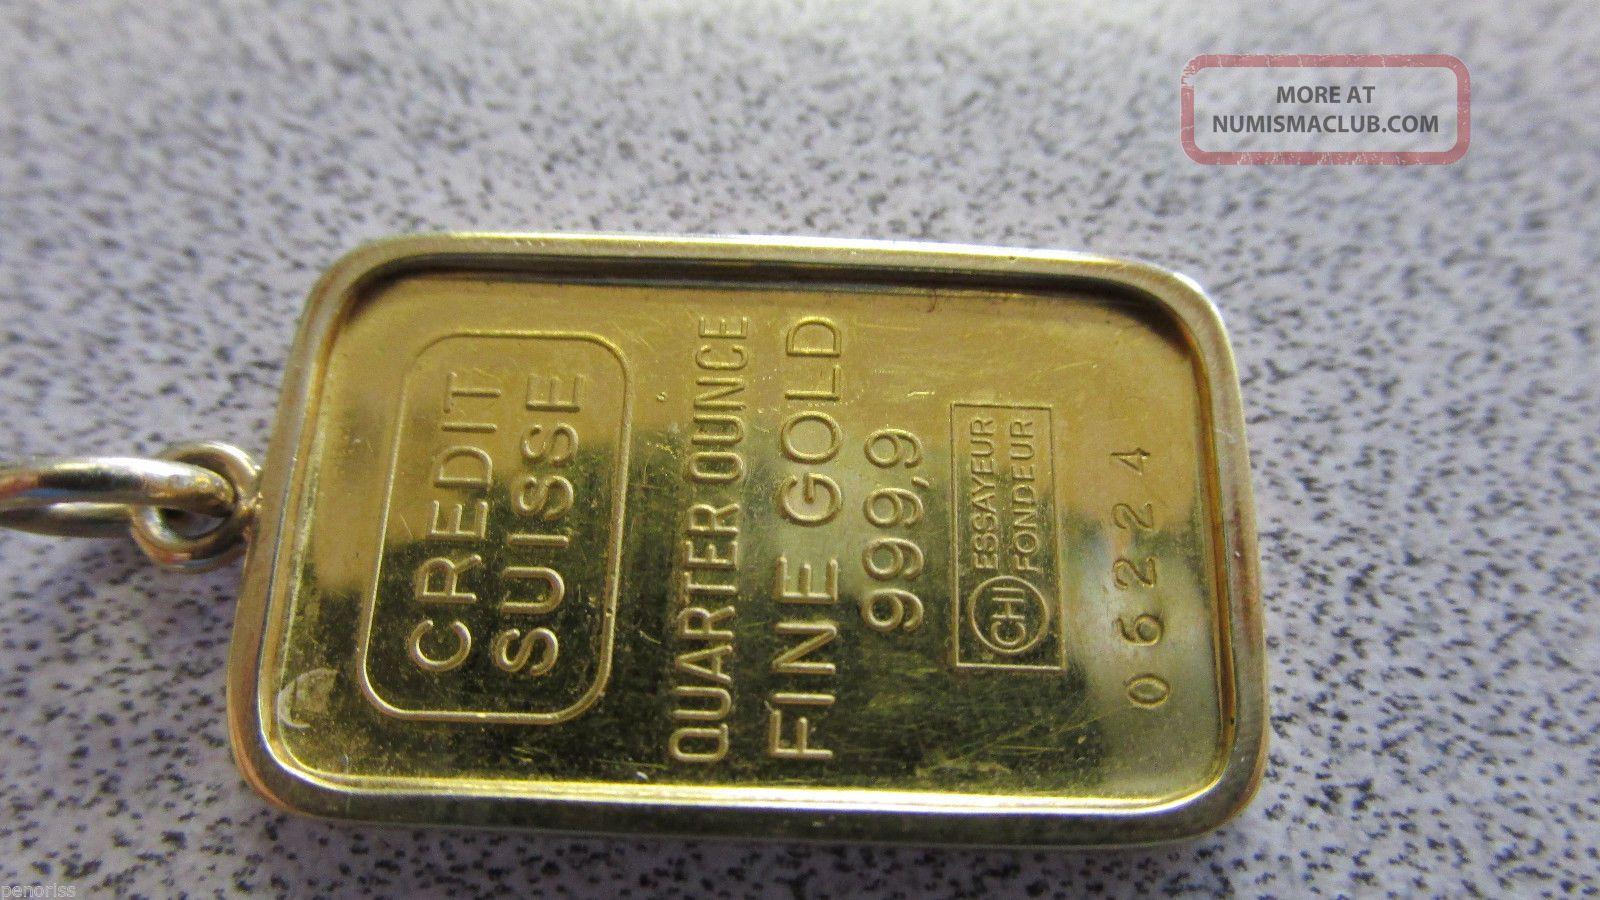 Credit suisse gold bar key generator